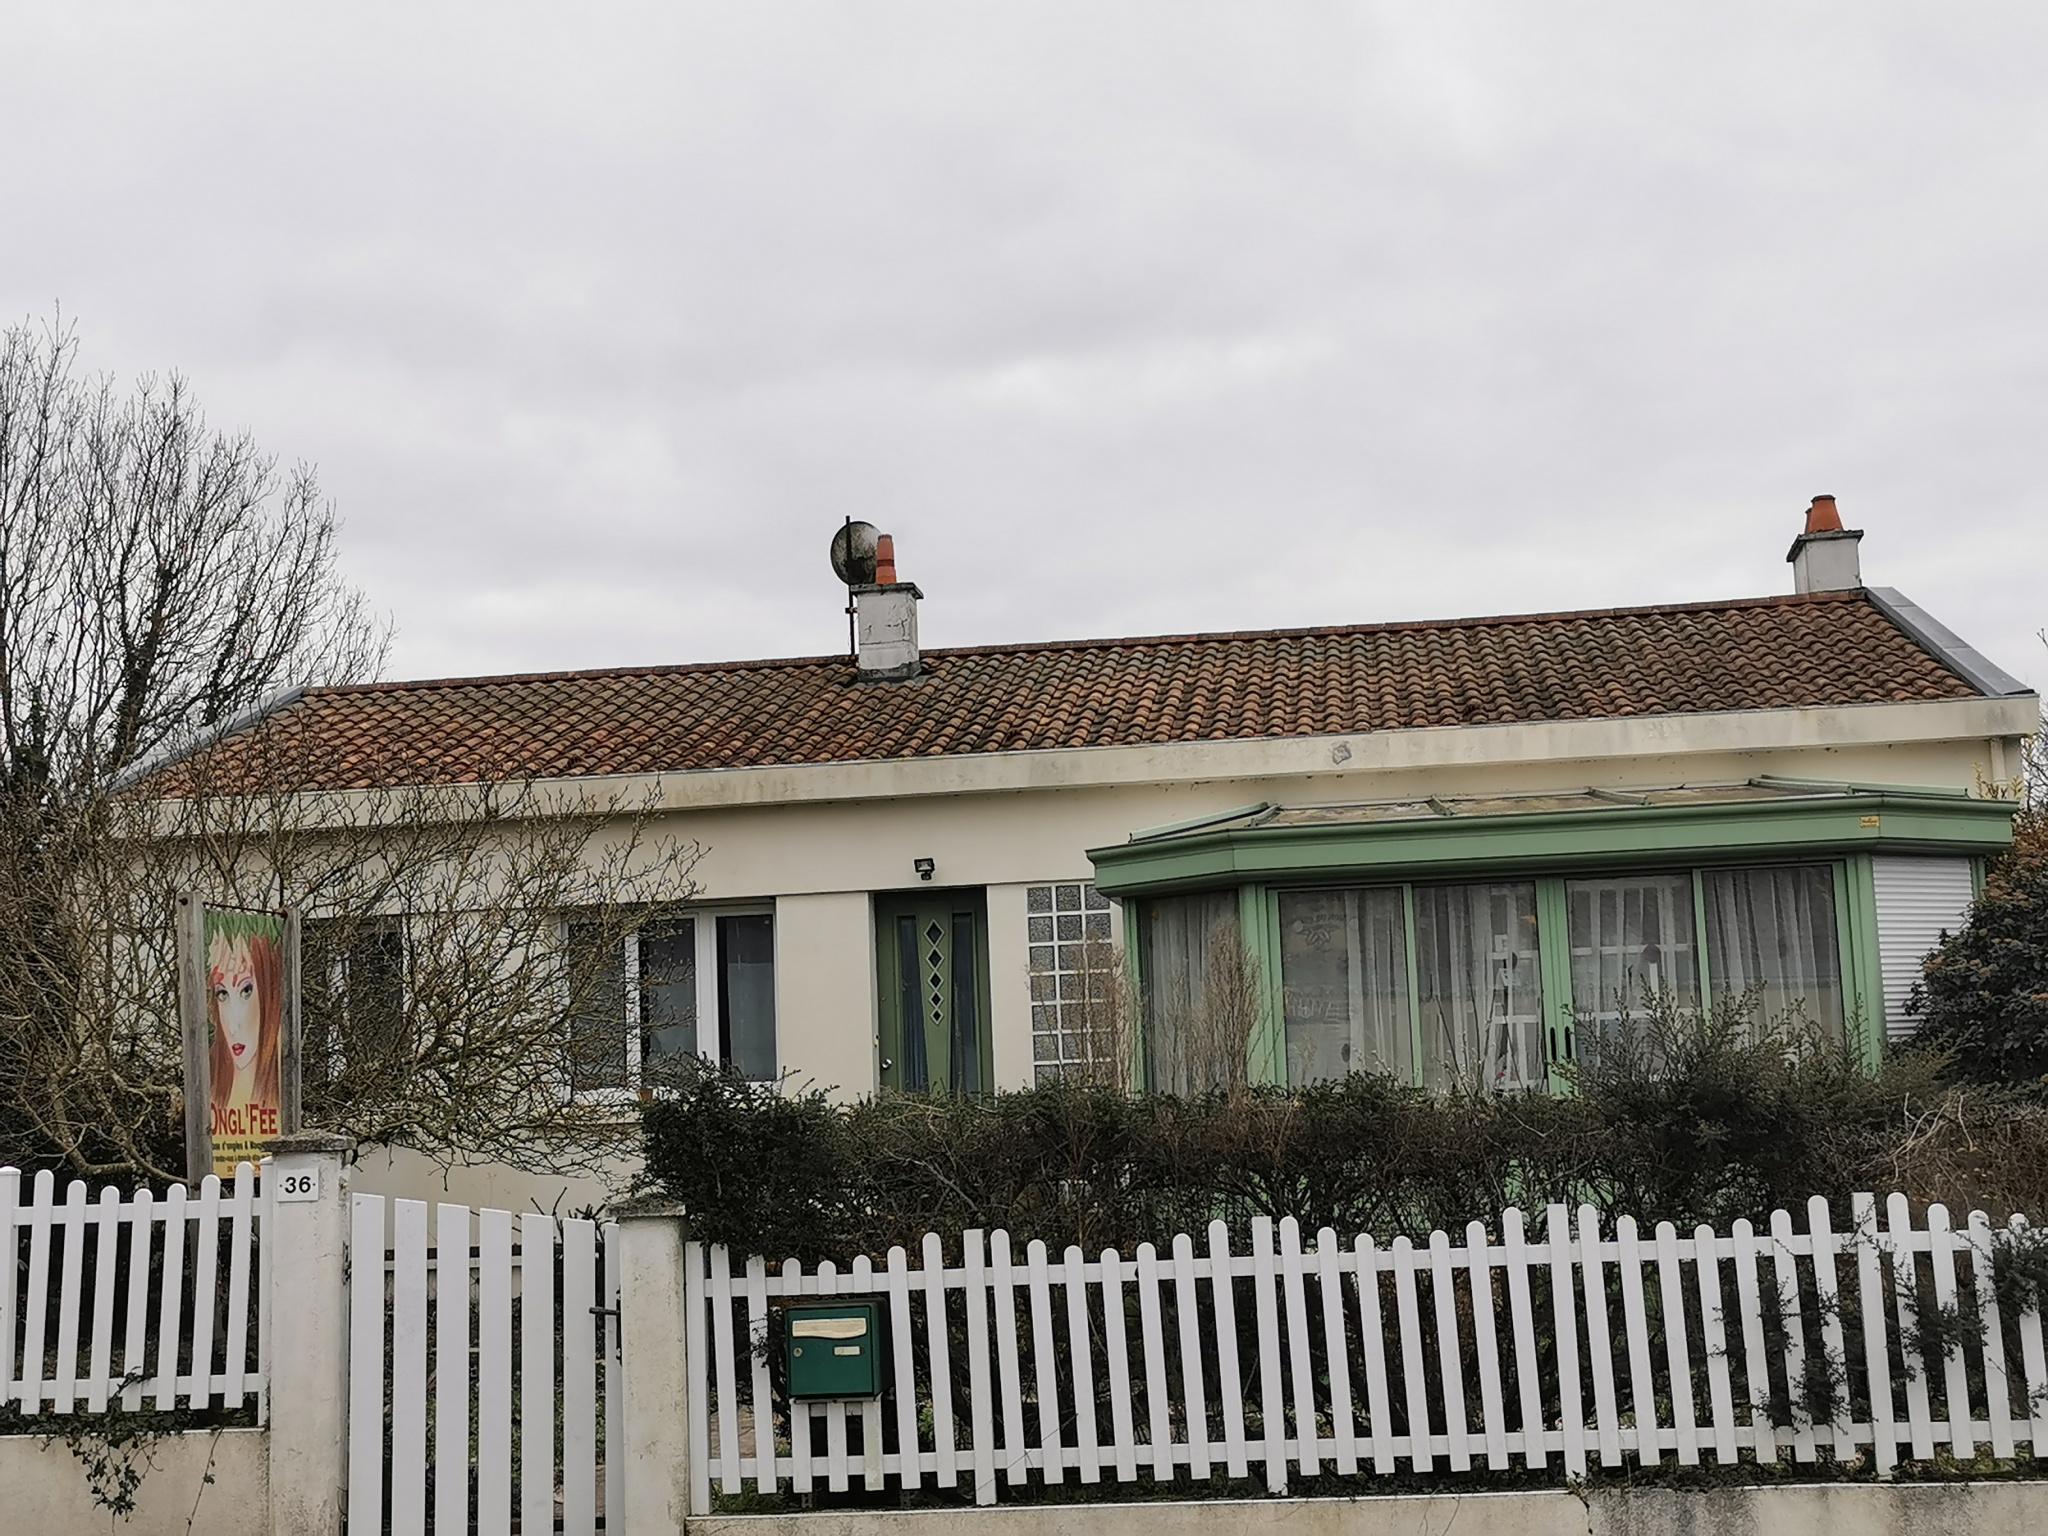 Maison à le-champ-Saint-pere |  219 030 €